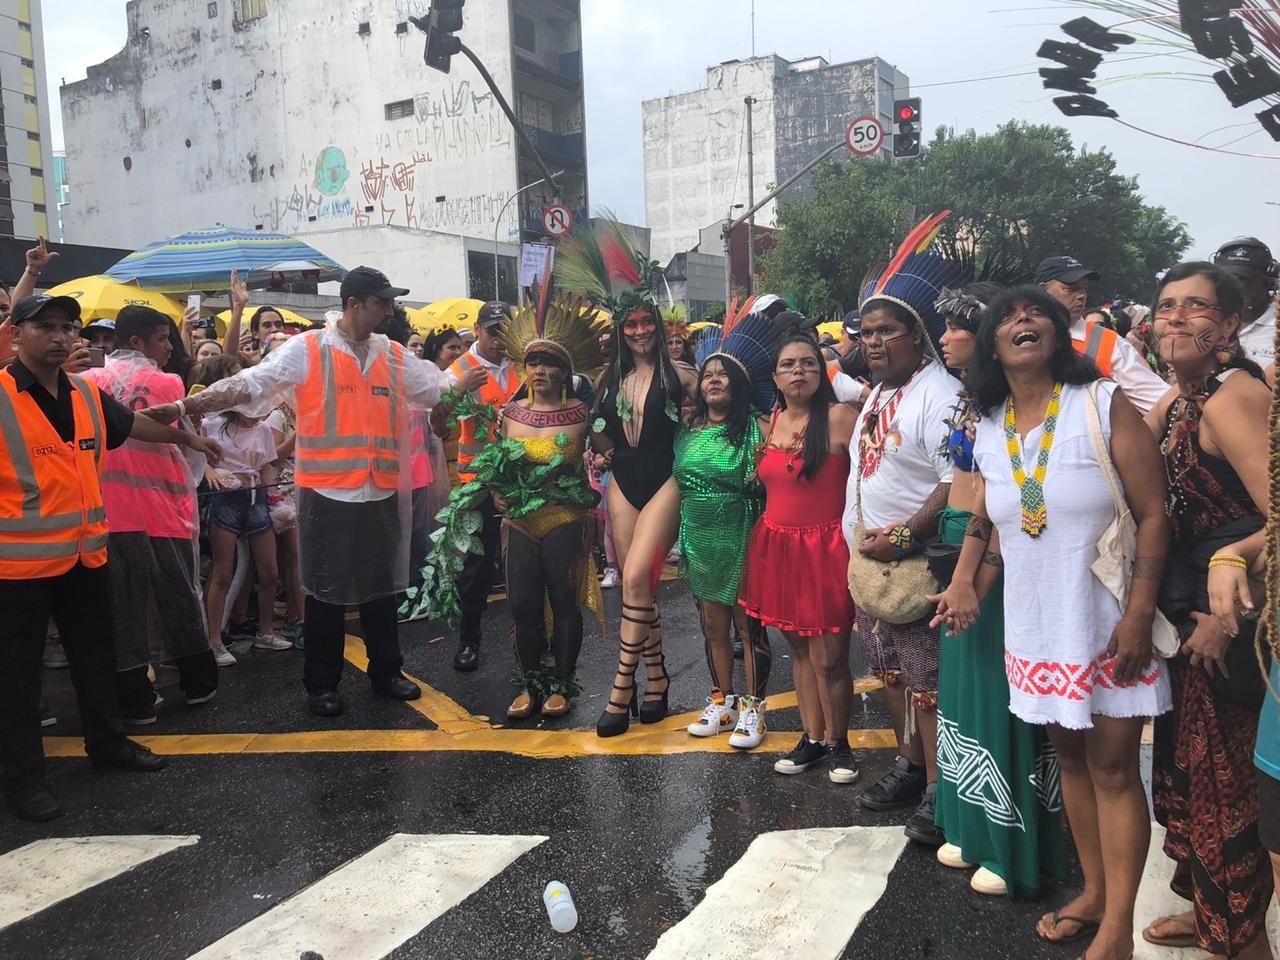 Alessandra Negrini chega a bloco Acadêmicos do Baixo Augusta acompanhada de indígenas em SP